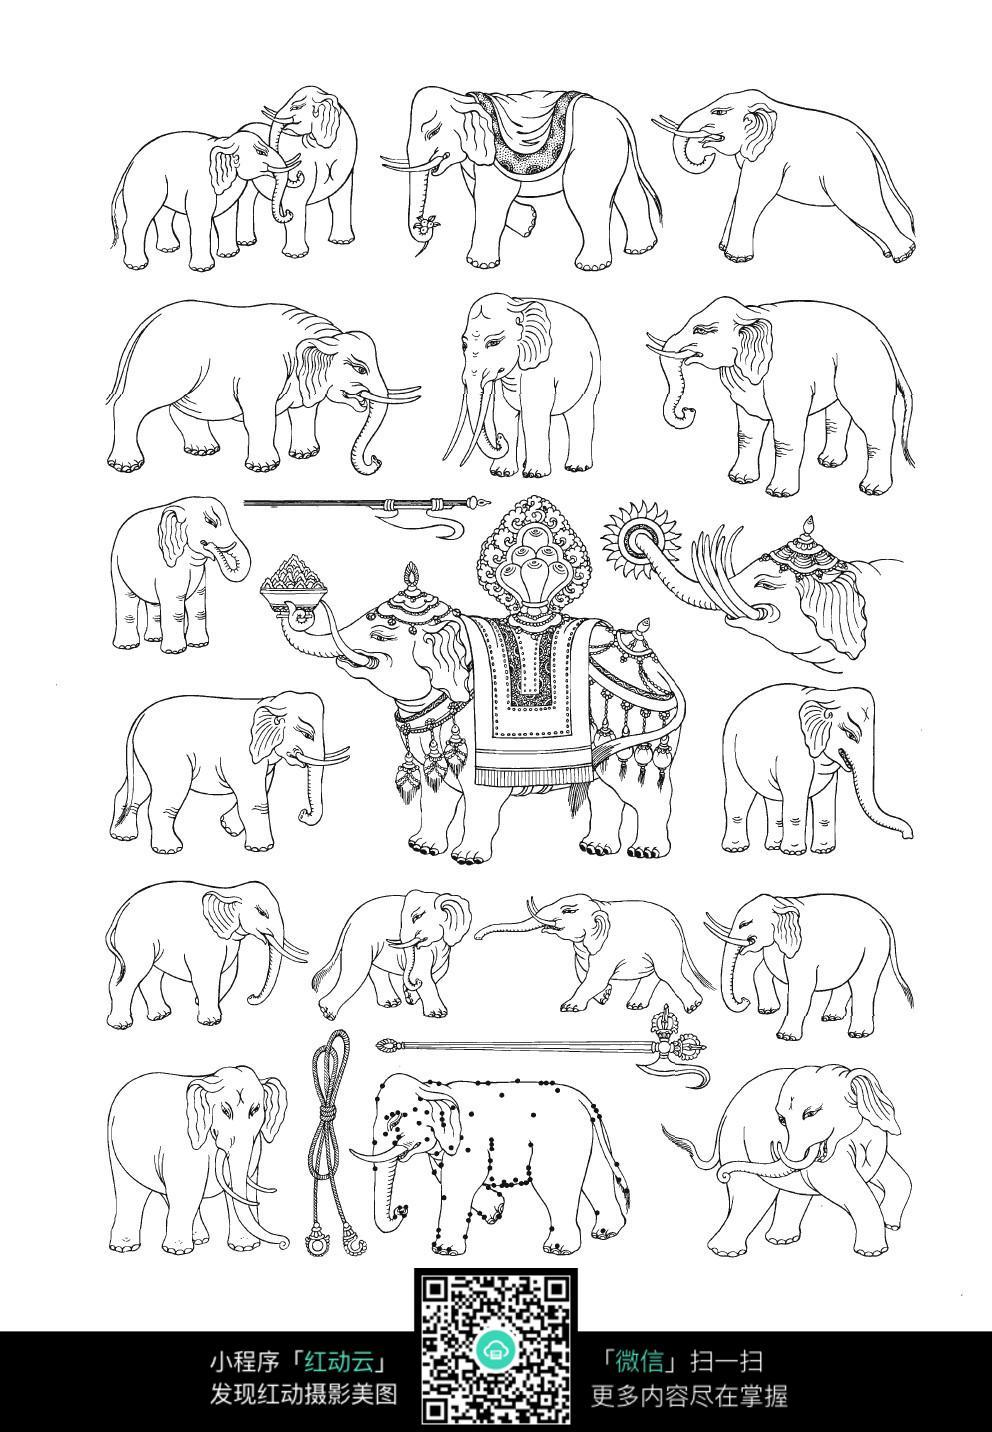 大象手绘线描图形